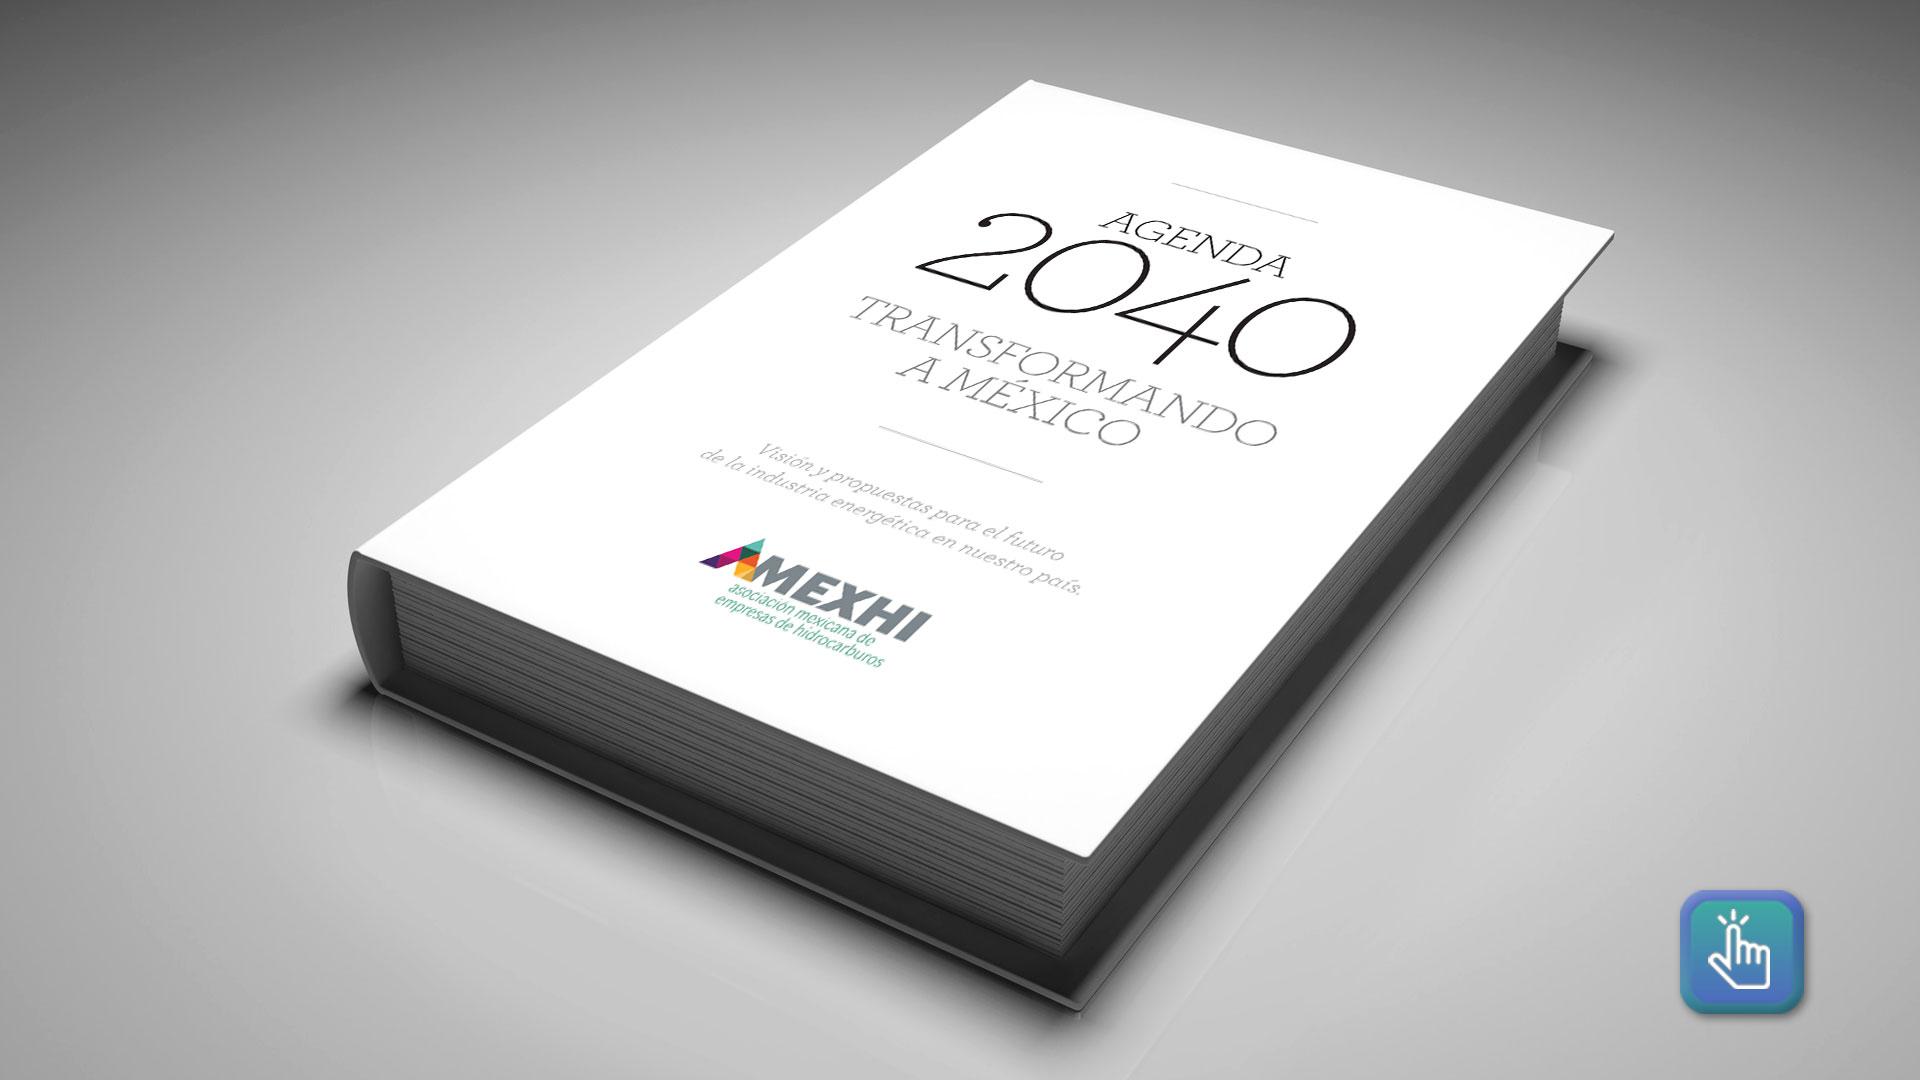 agenda2040